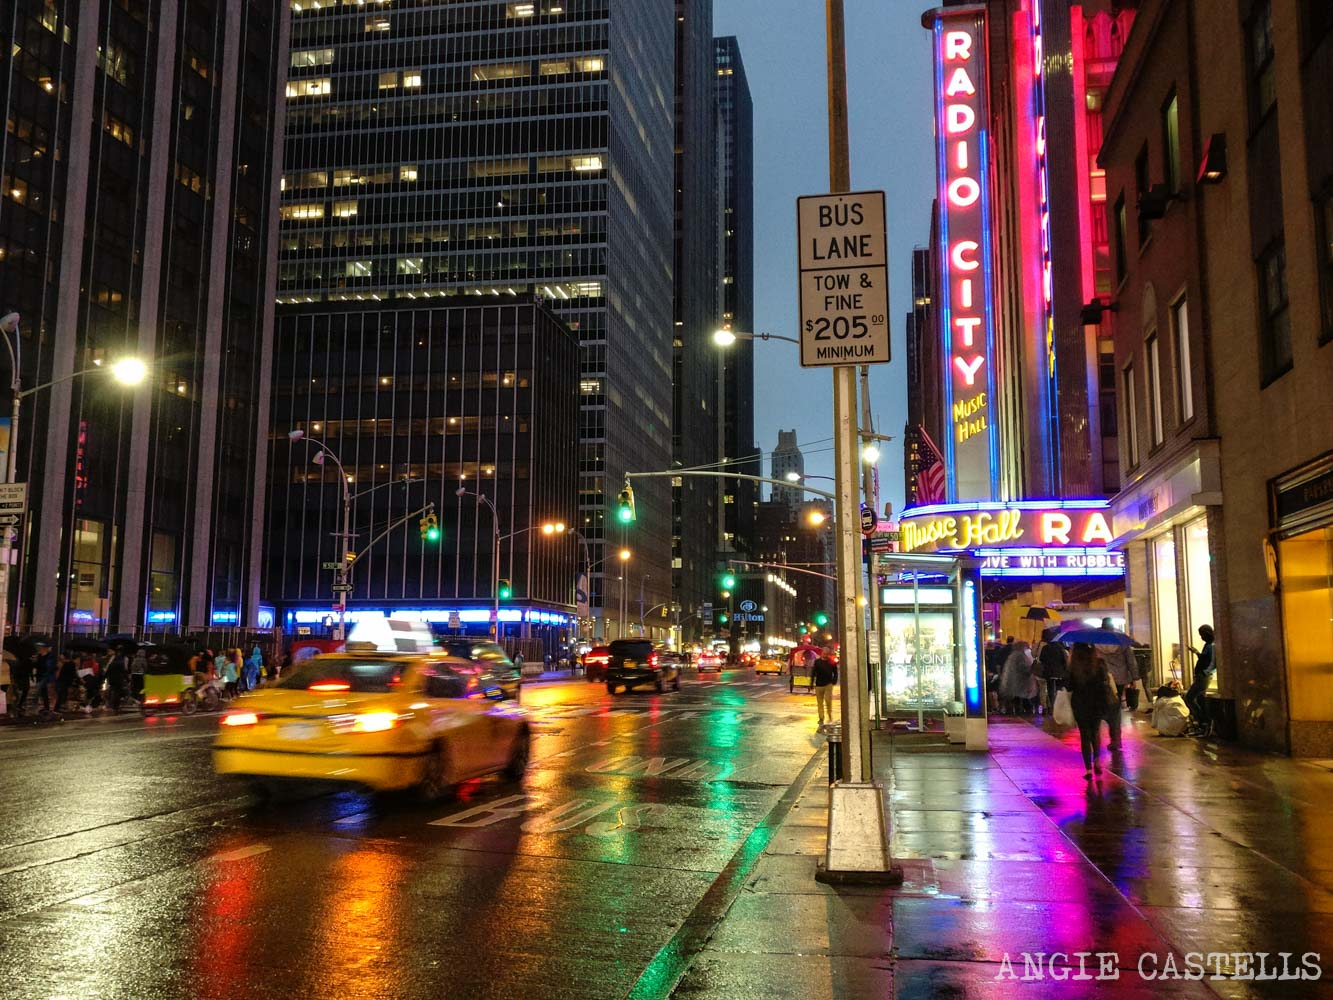 que-hacer-en-nueva-york-cuando-llueve-1500